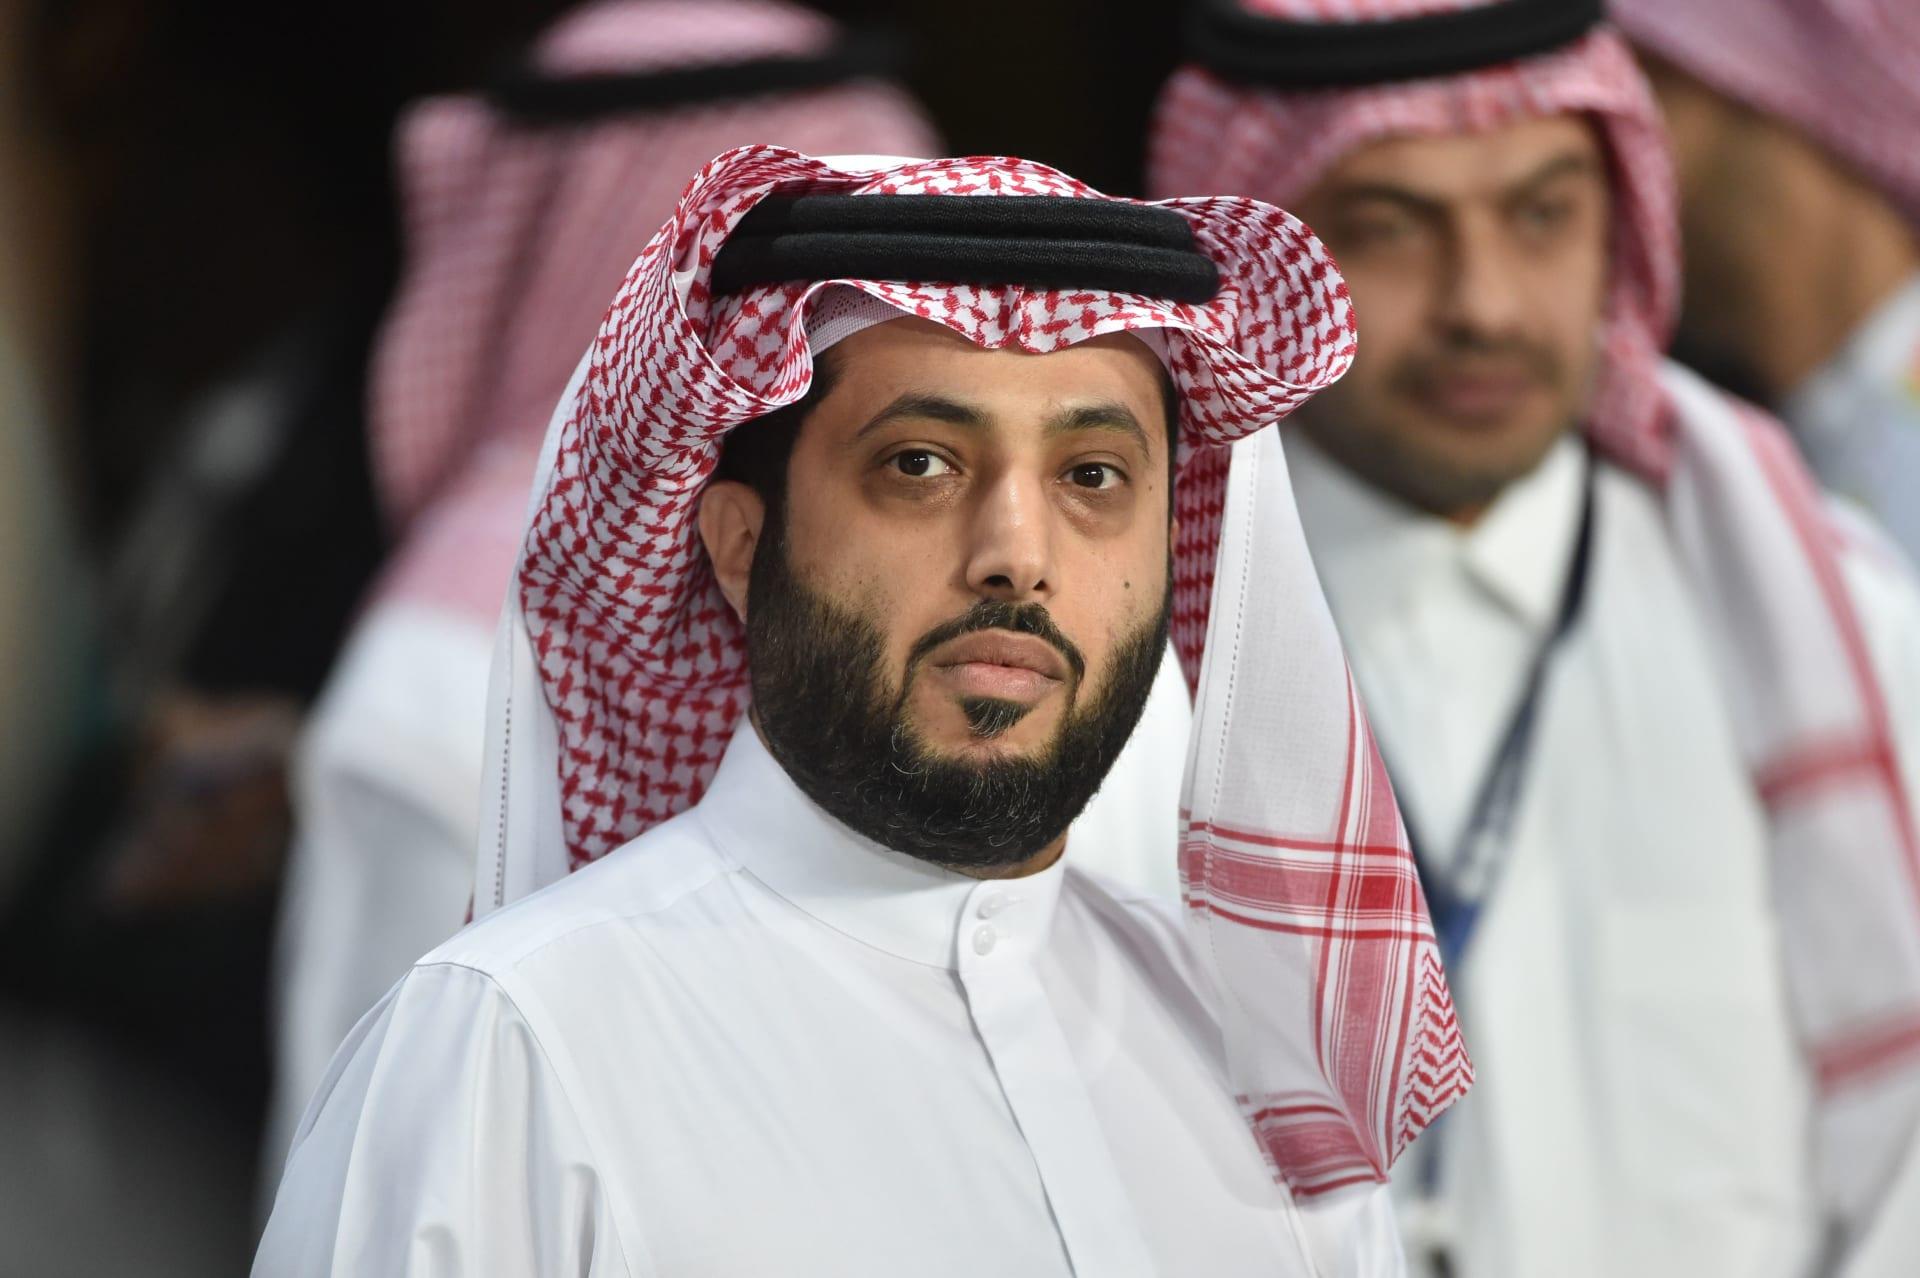 رئيس الهيئة العامة للترفيه في السعودية، تركي آل الشيخ